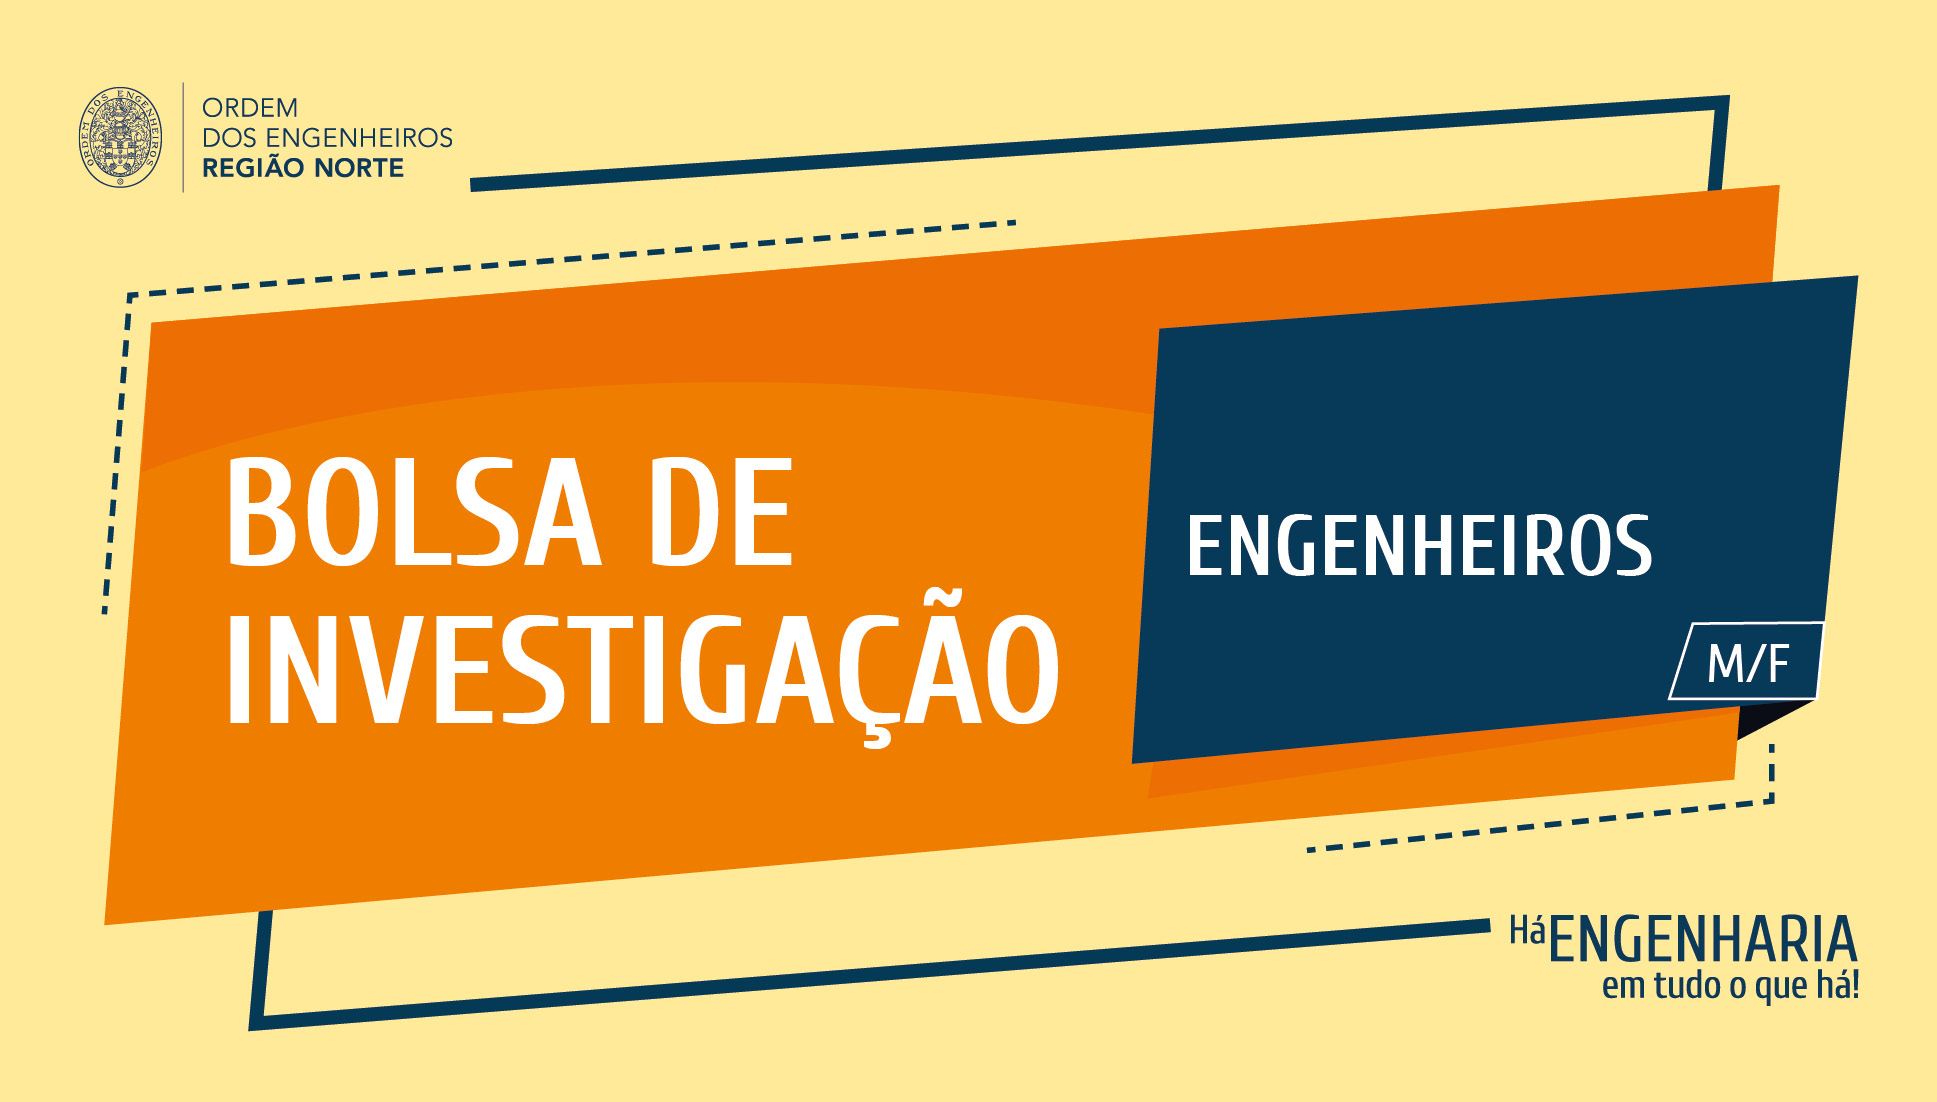 Plataforma Notícias Ordem Engenheiros Região Norte - [Emprego] INEGI tem uma bolsa de investigação para mestres